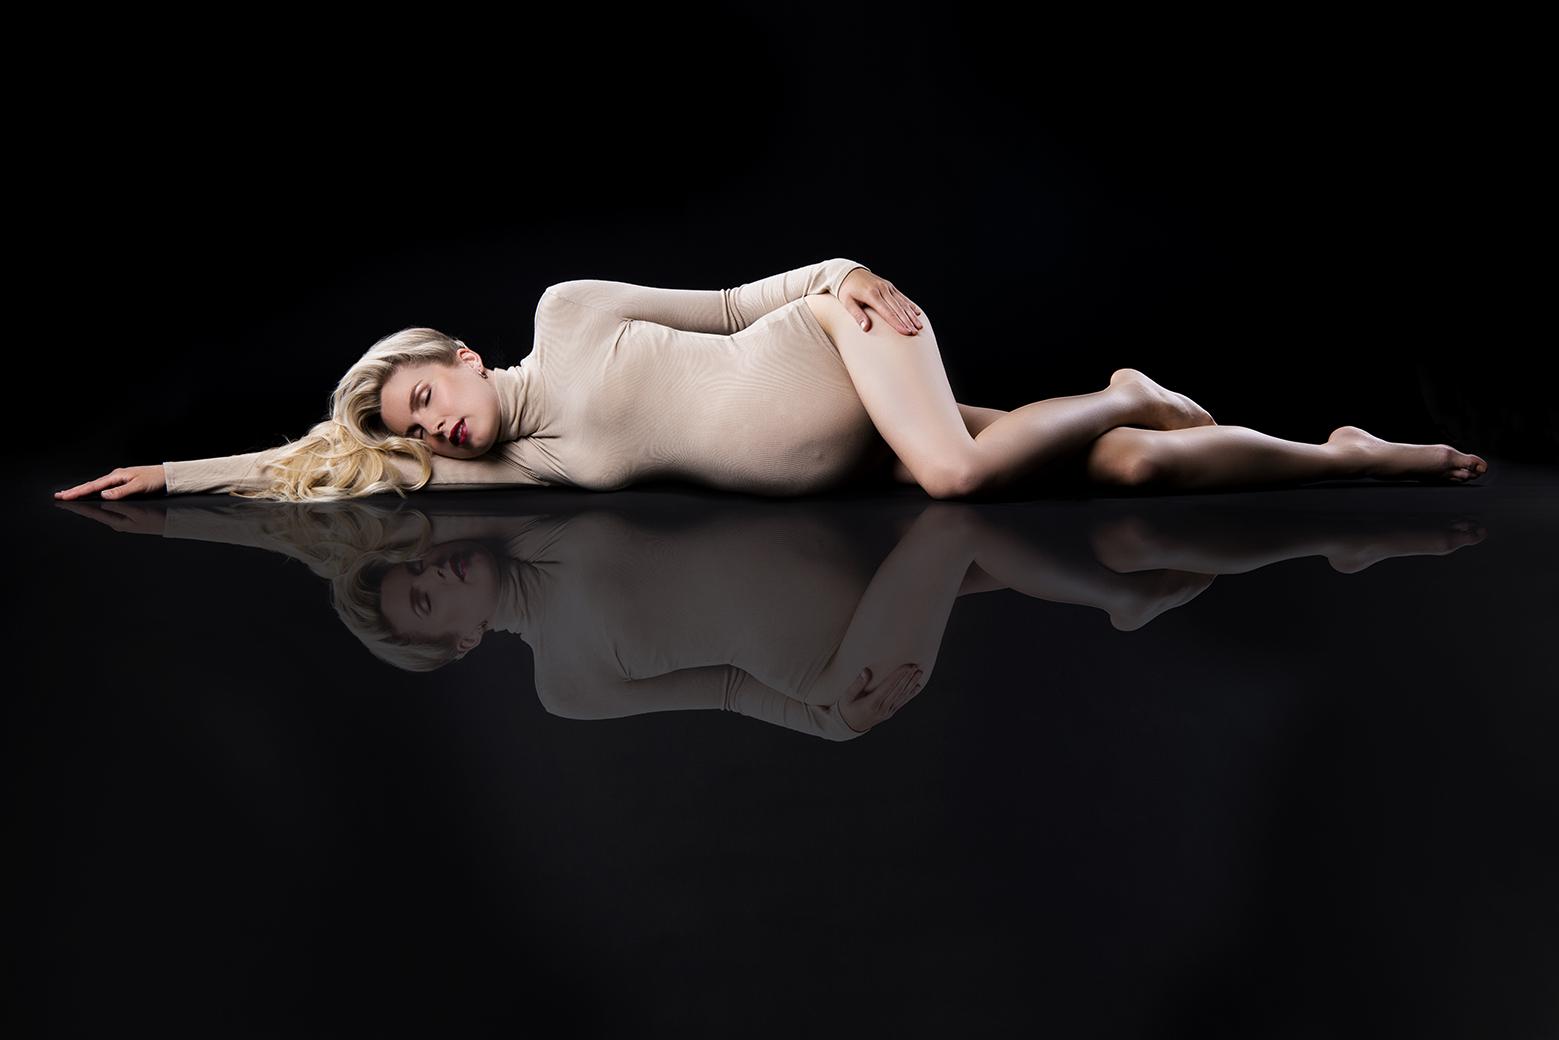 zwangerschap fotoshoot fotograaf groniningen